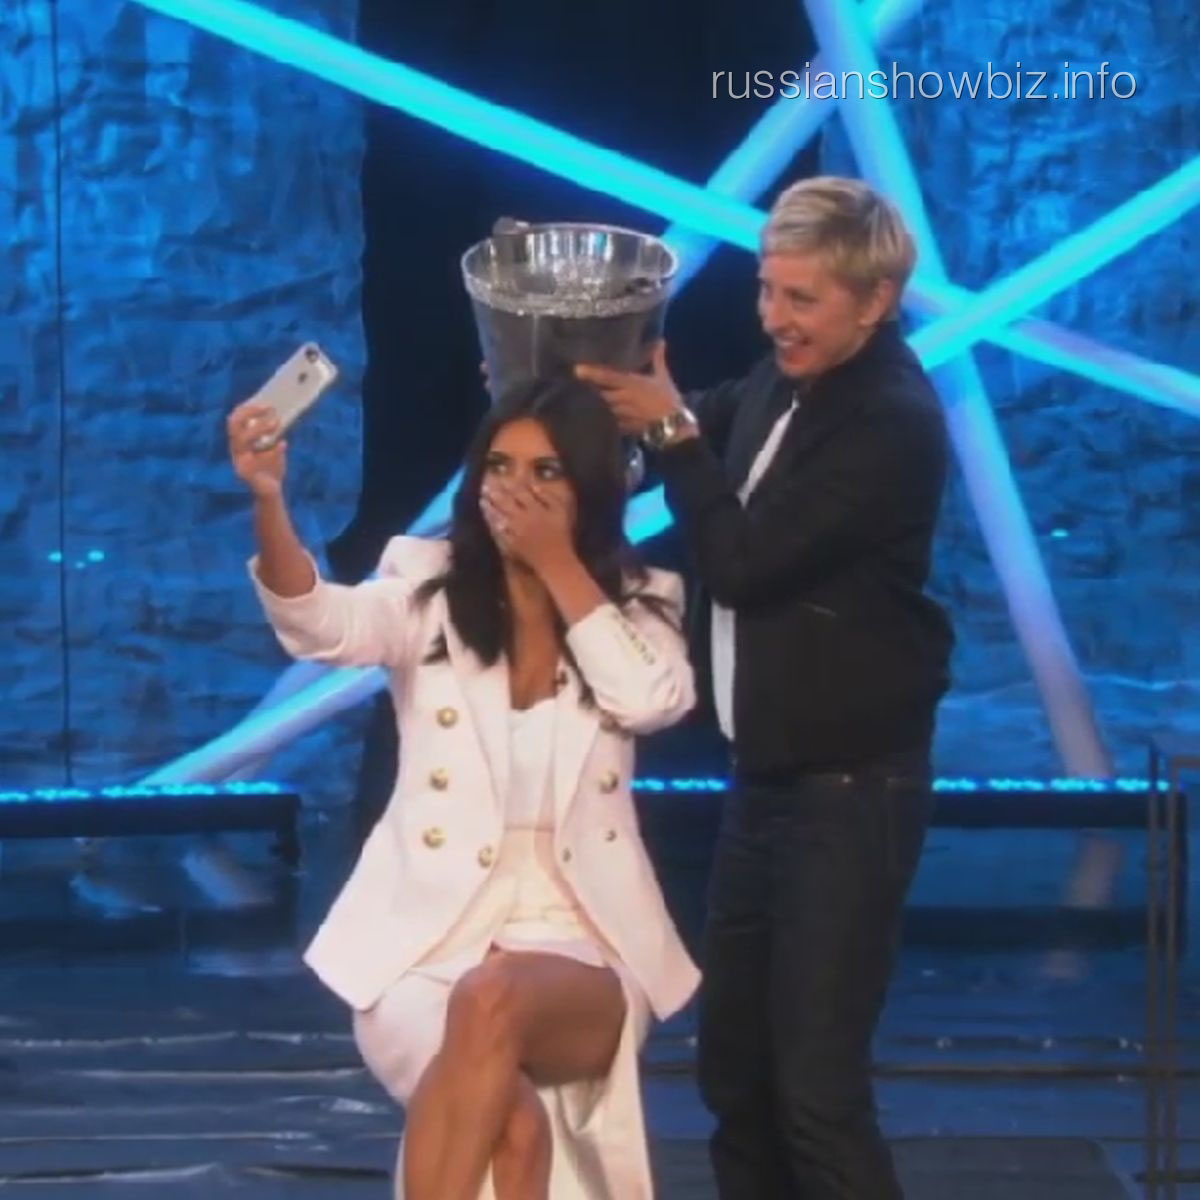 Ким Кардашьян обливается в прямом эфире